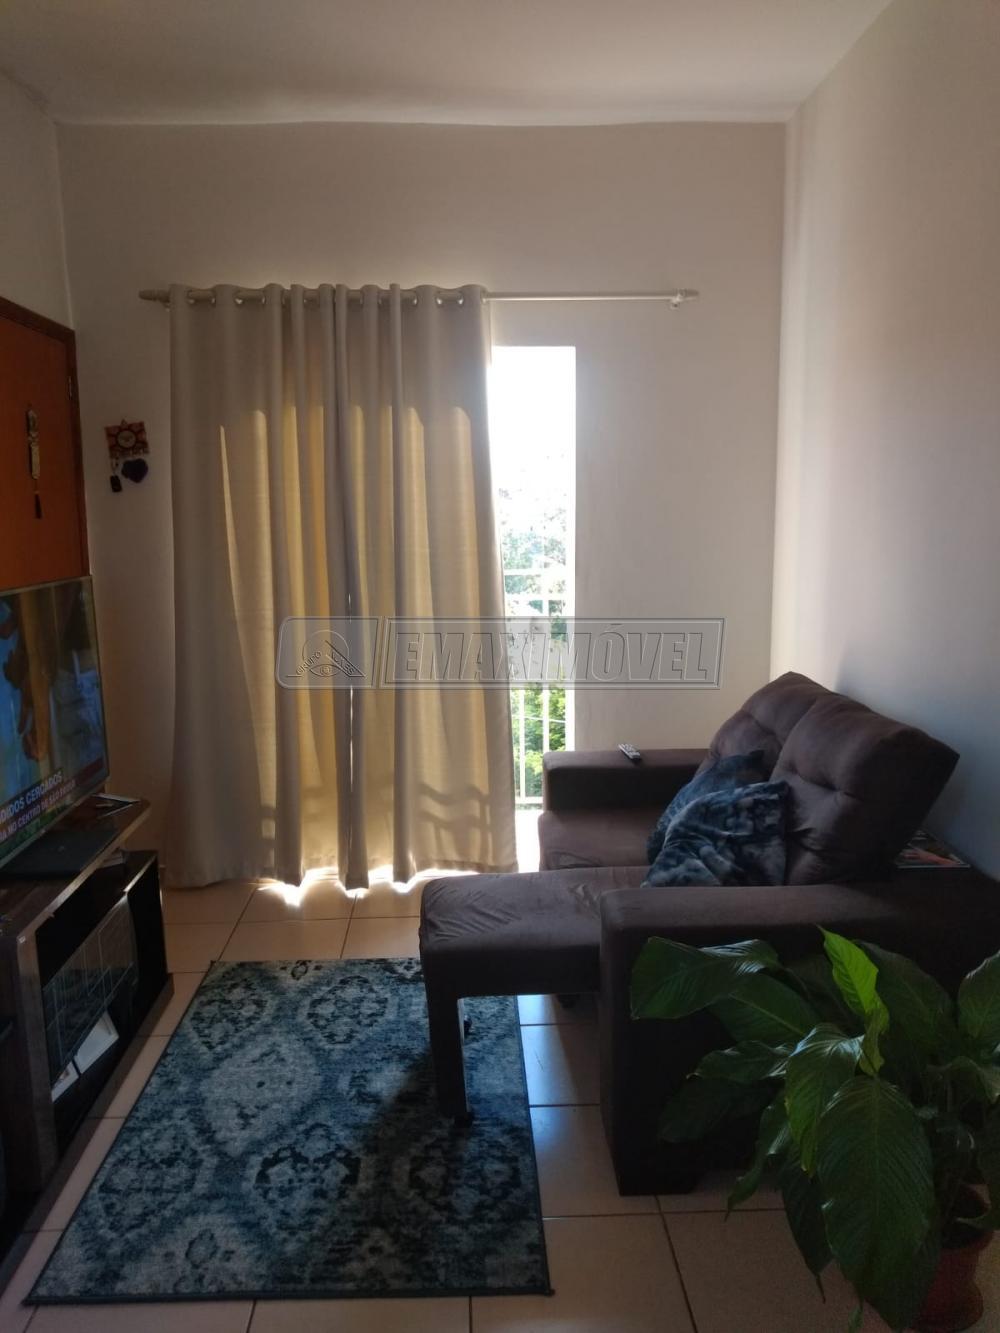 Comprar Apartamentos / Apto Padrão em Sorocaba apenas R$ 160.000,00 - Foto 3